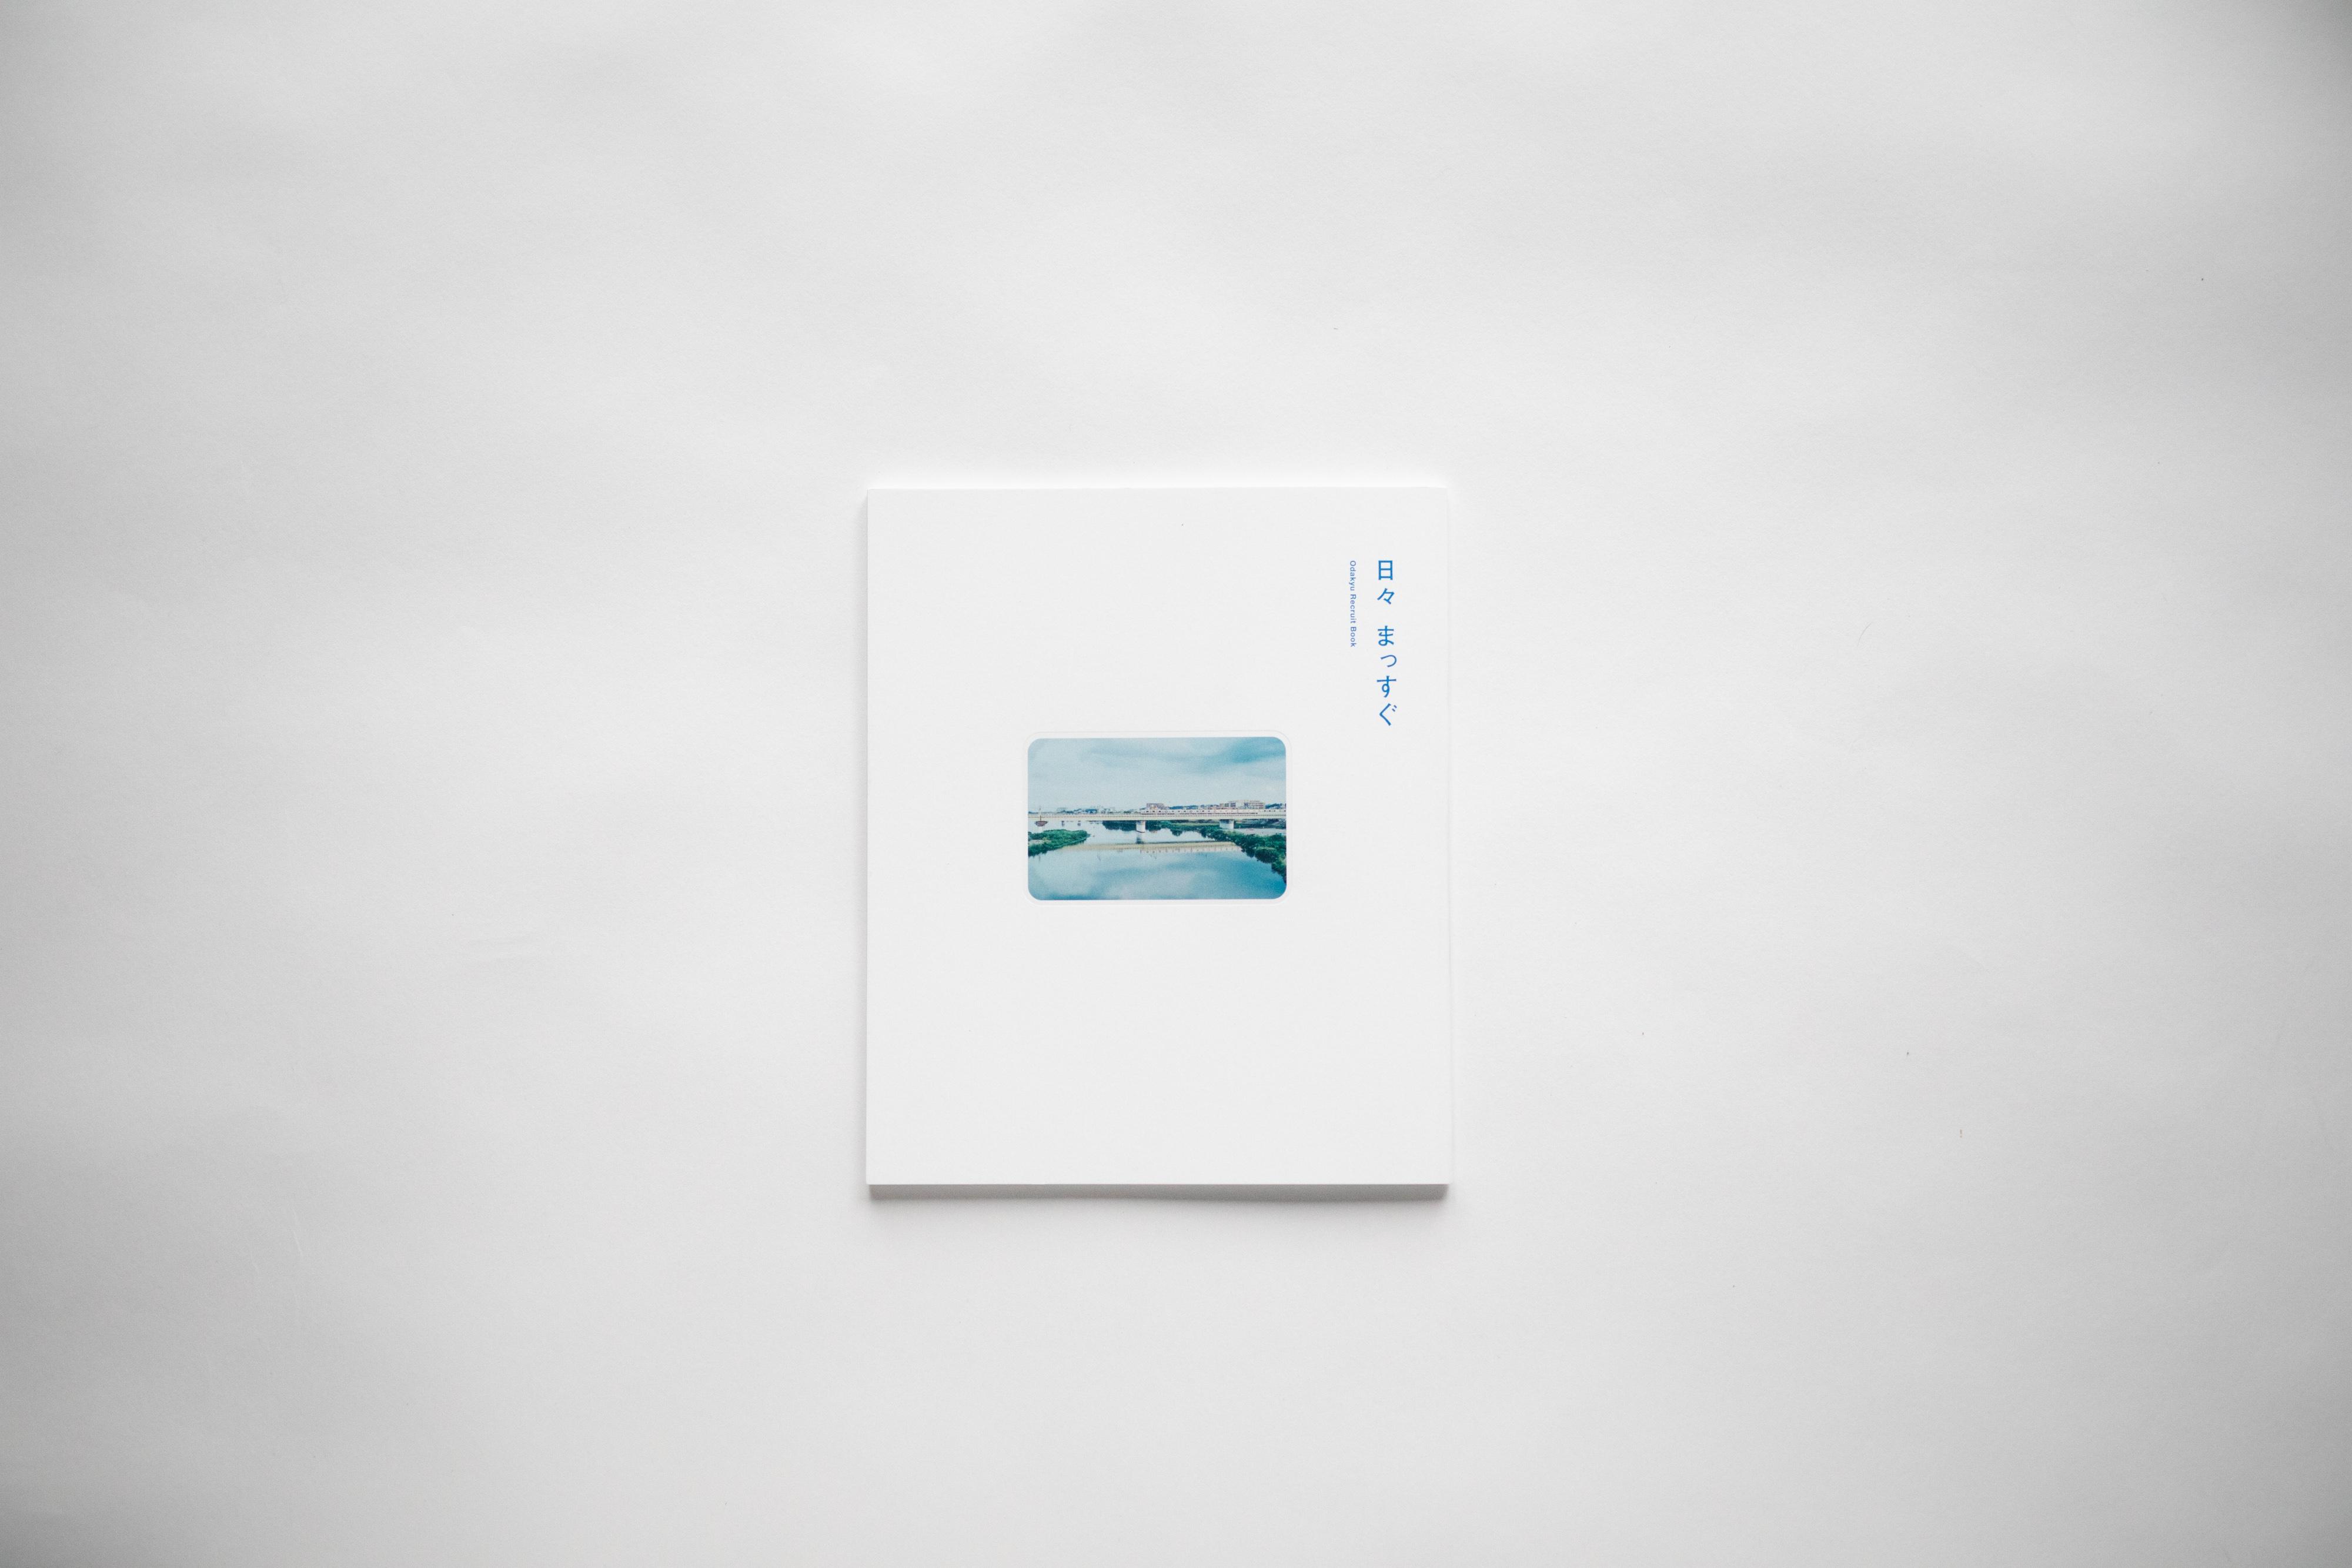 小田急電鉄株式会社